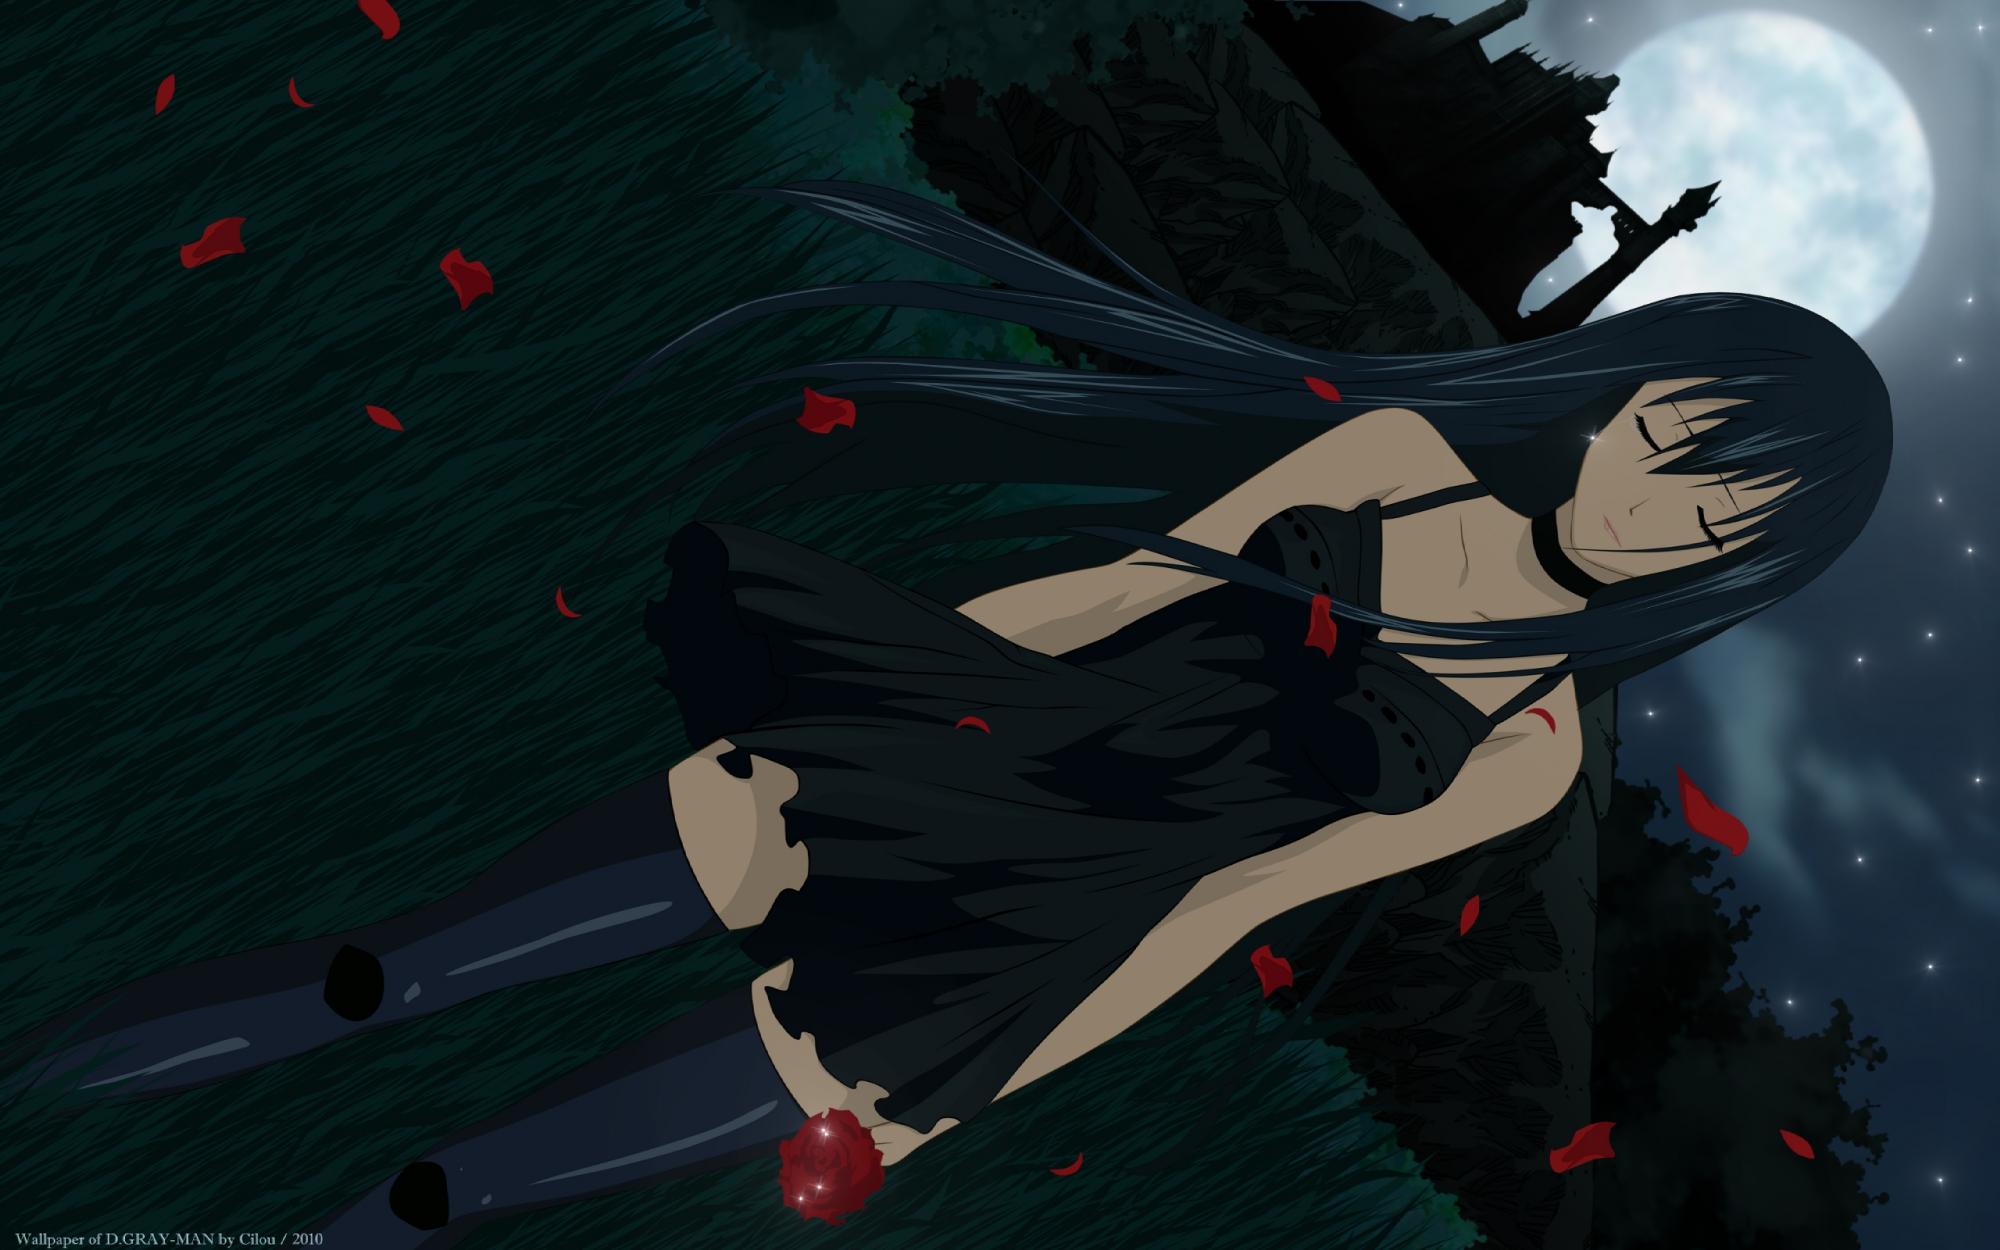 Lenalee Lee Wallpaper   Zerochan Anime Image Board 2000x1250